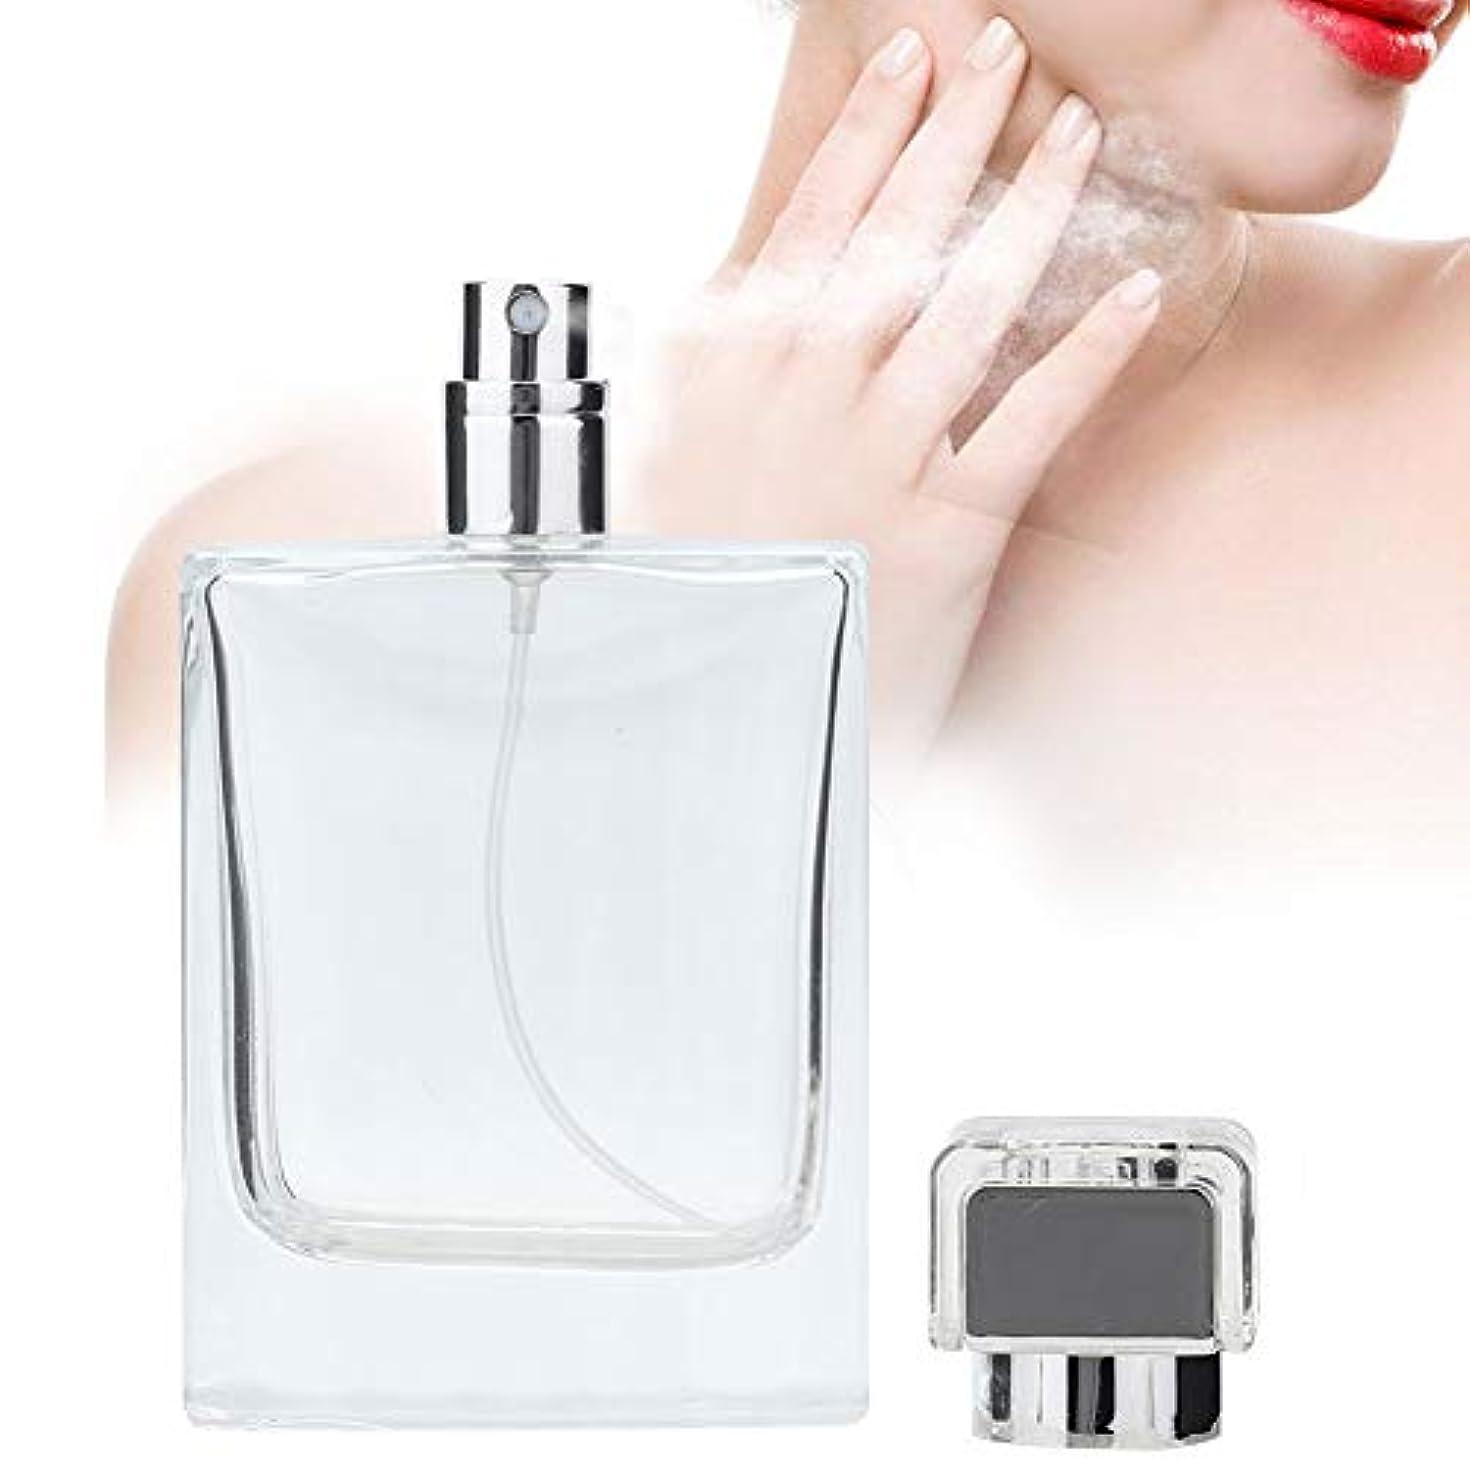 キャンドルドライブ振り子100 ML ガラス 詰め替え 香水スプレーボトル 空の香水アトマイザーディスペンサーボトル